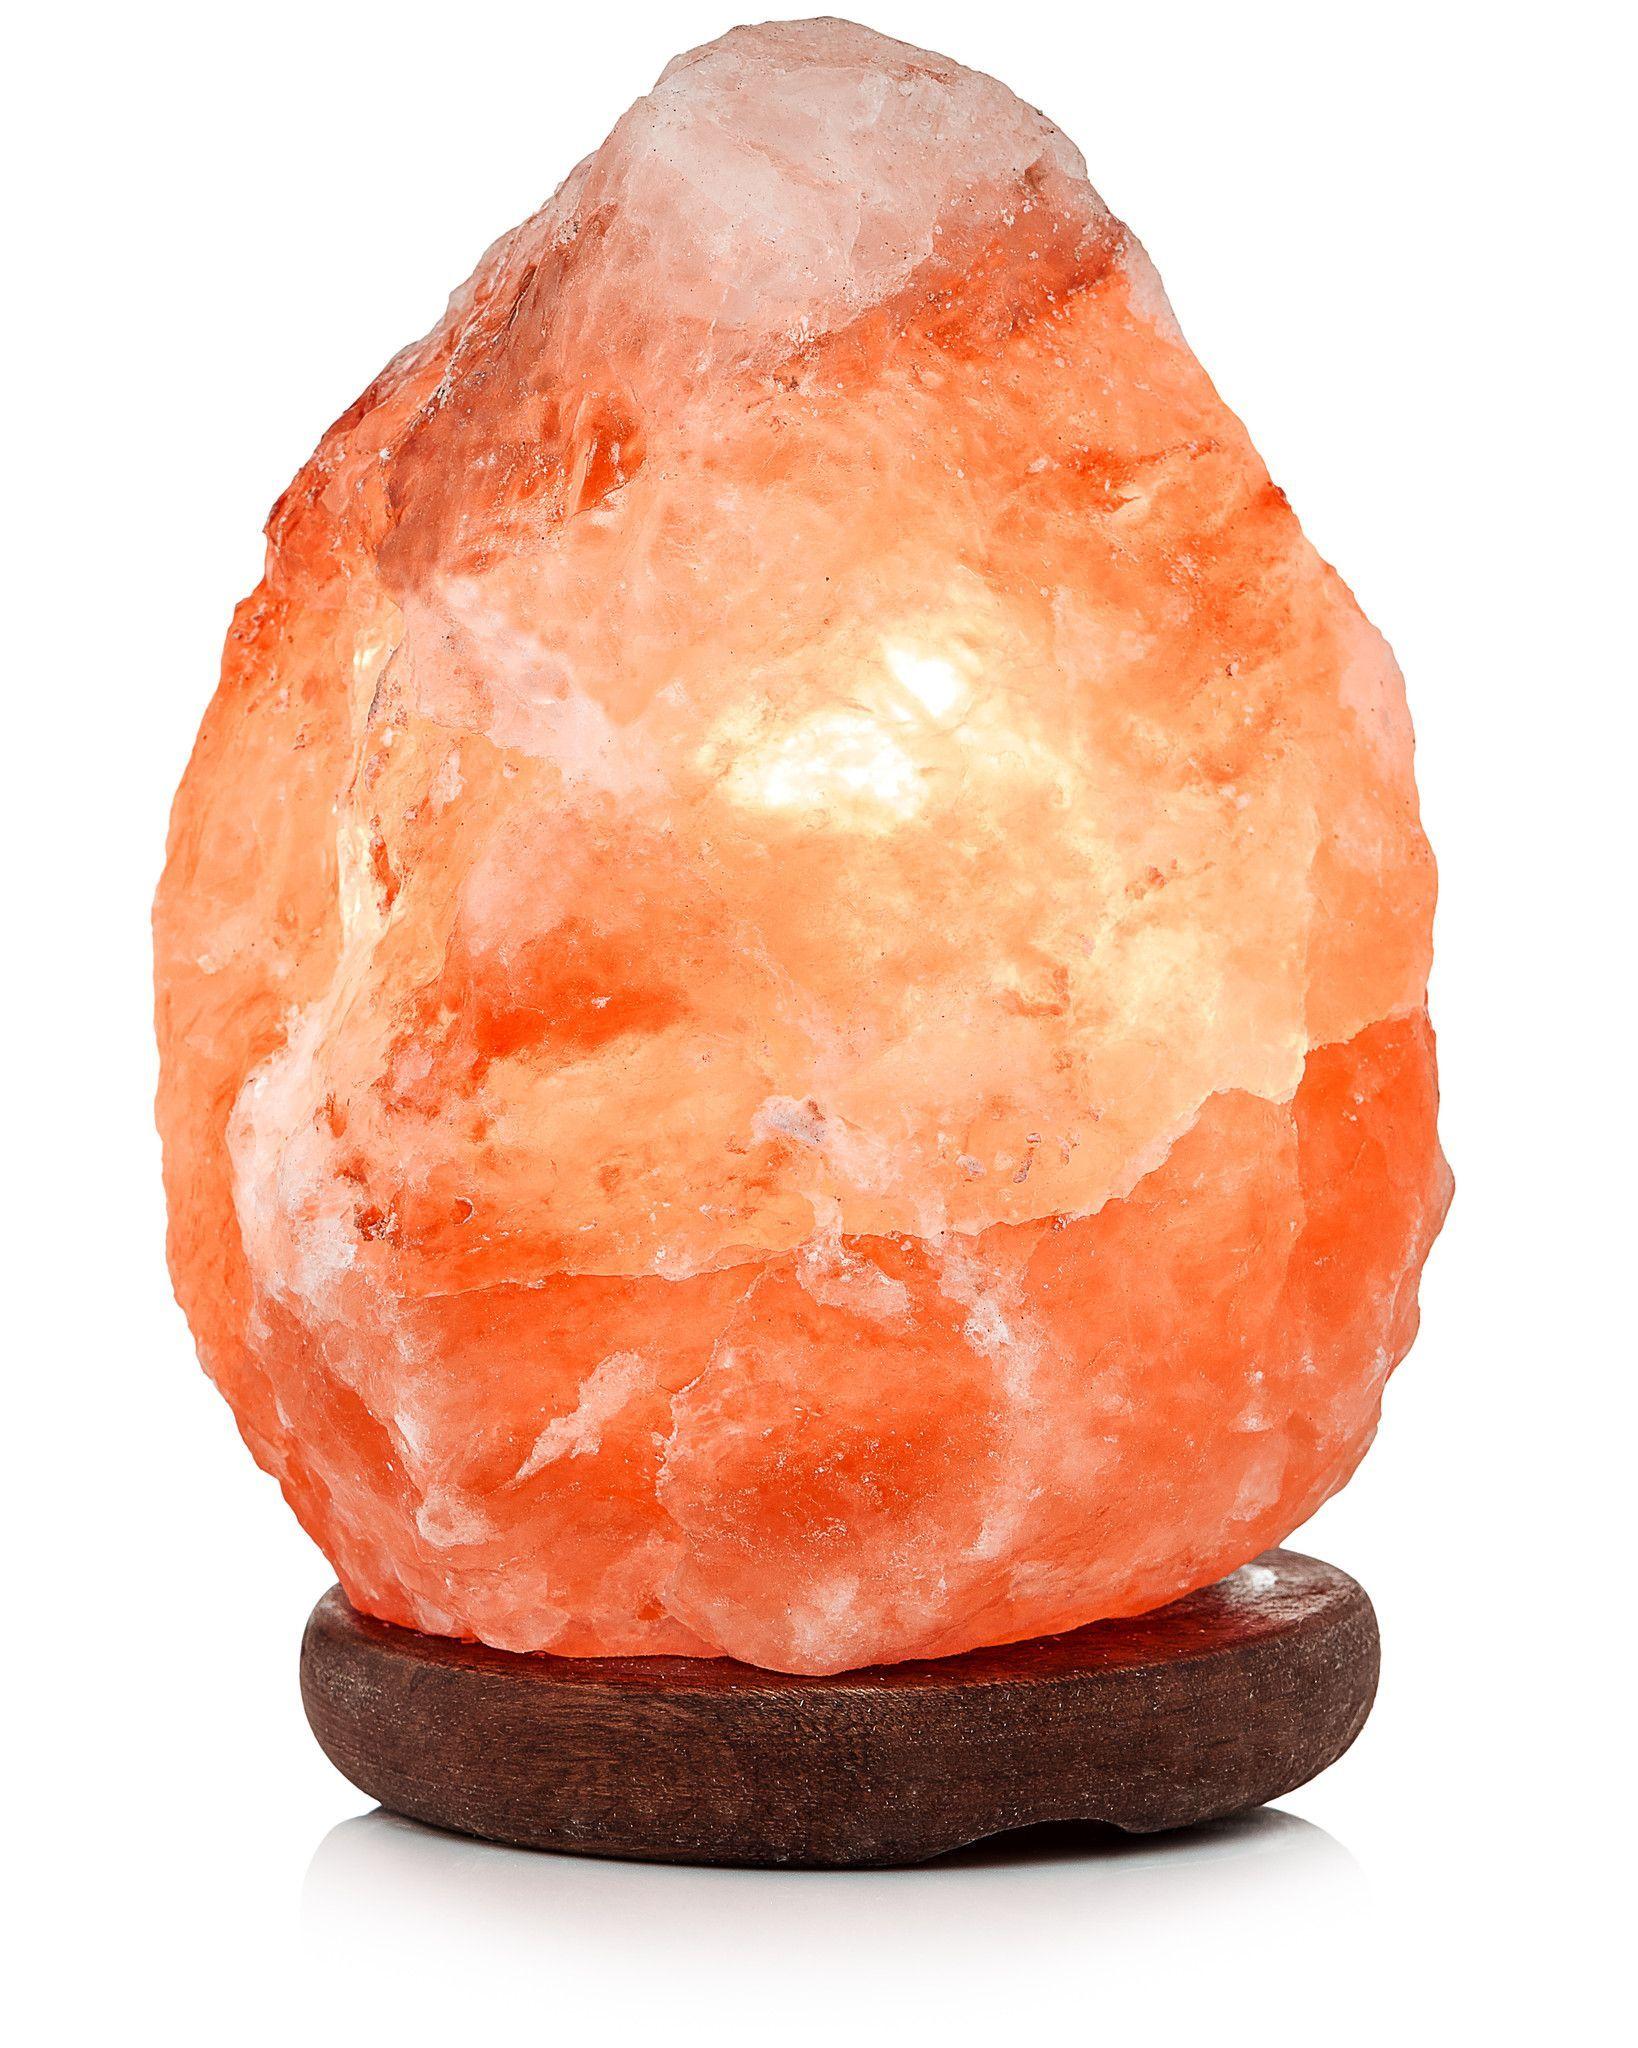 Natural Pink Himalayan Salt Lamp Small Himalayan Salt Lamp Pink Himalayan Salt Lamp Salt Lamp